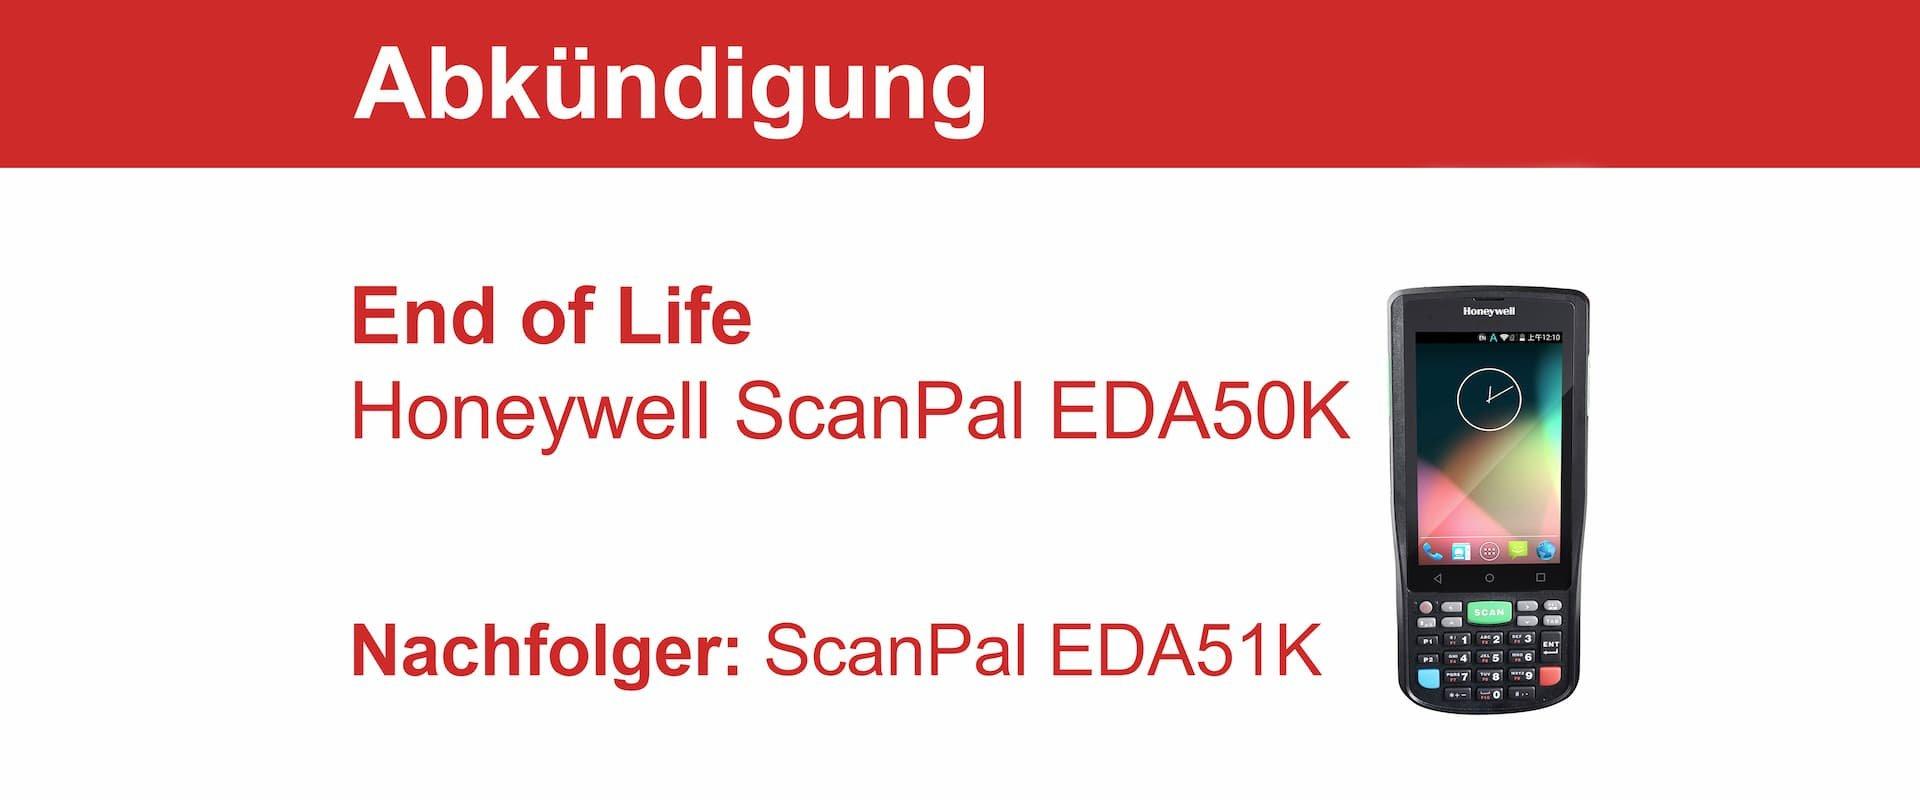 End of Life für den Honeywell ScanPal EDA50K